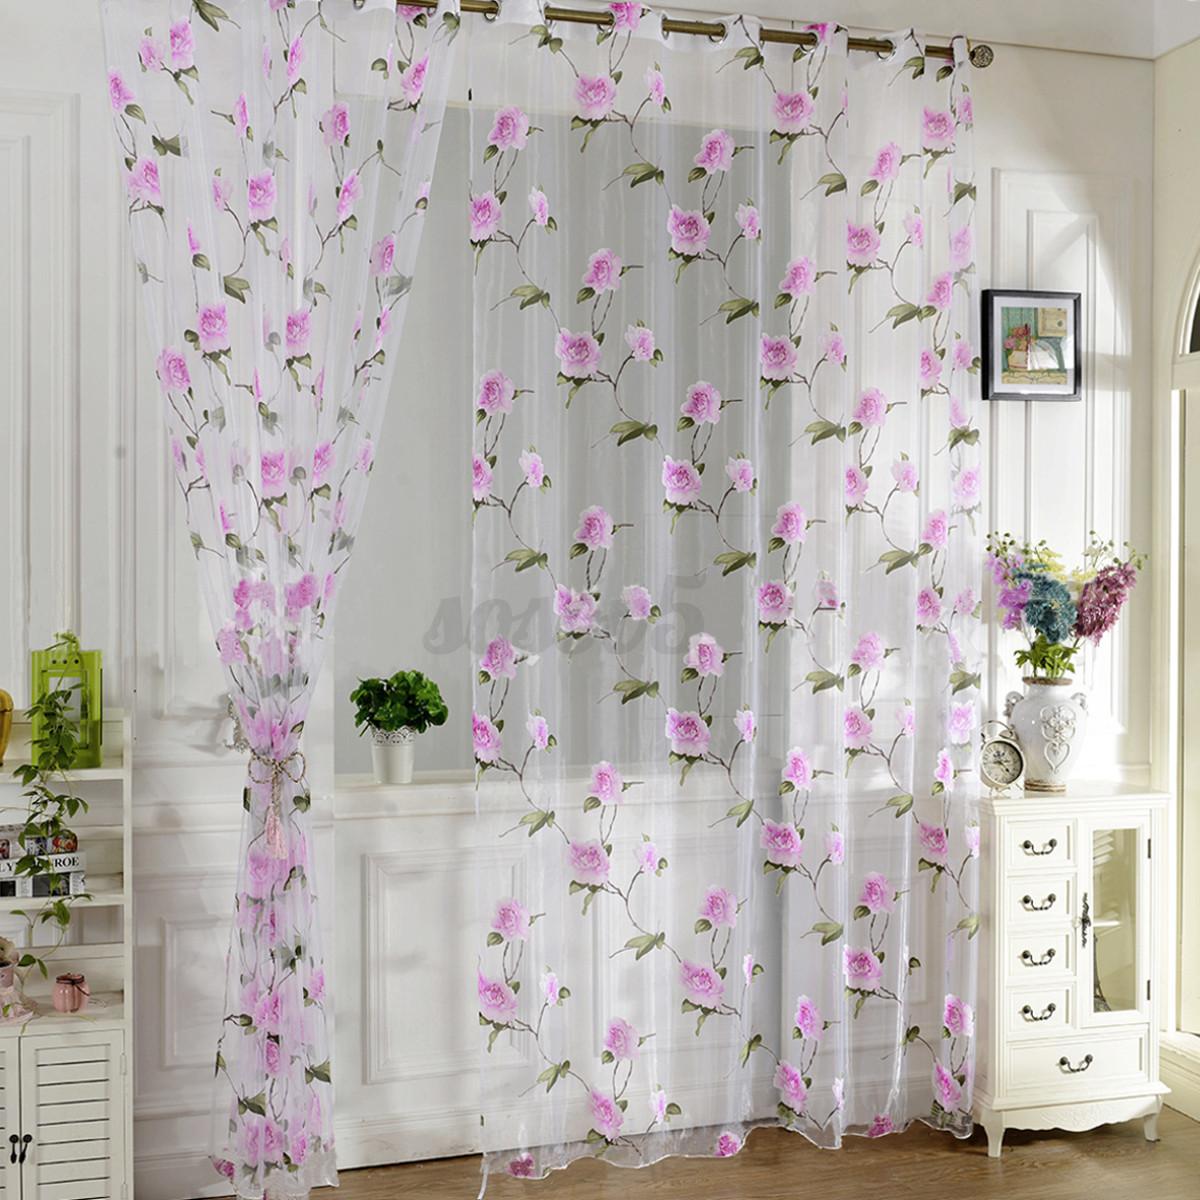 Cortina ventana paneles balc n puertas ventana floral gasa for Estores puerta balcon